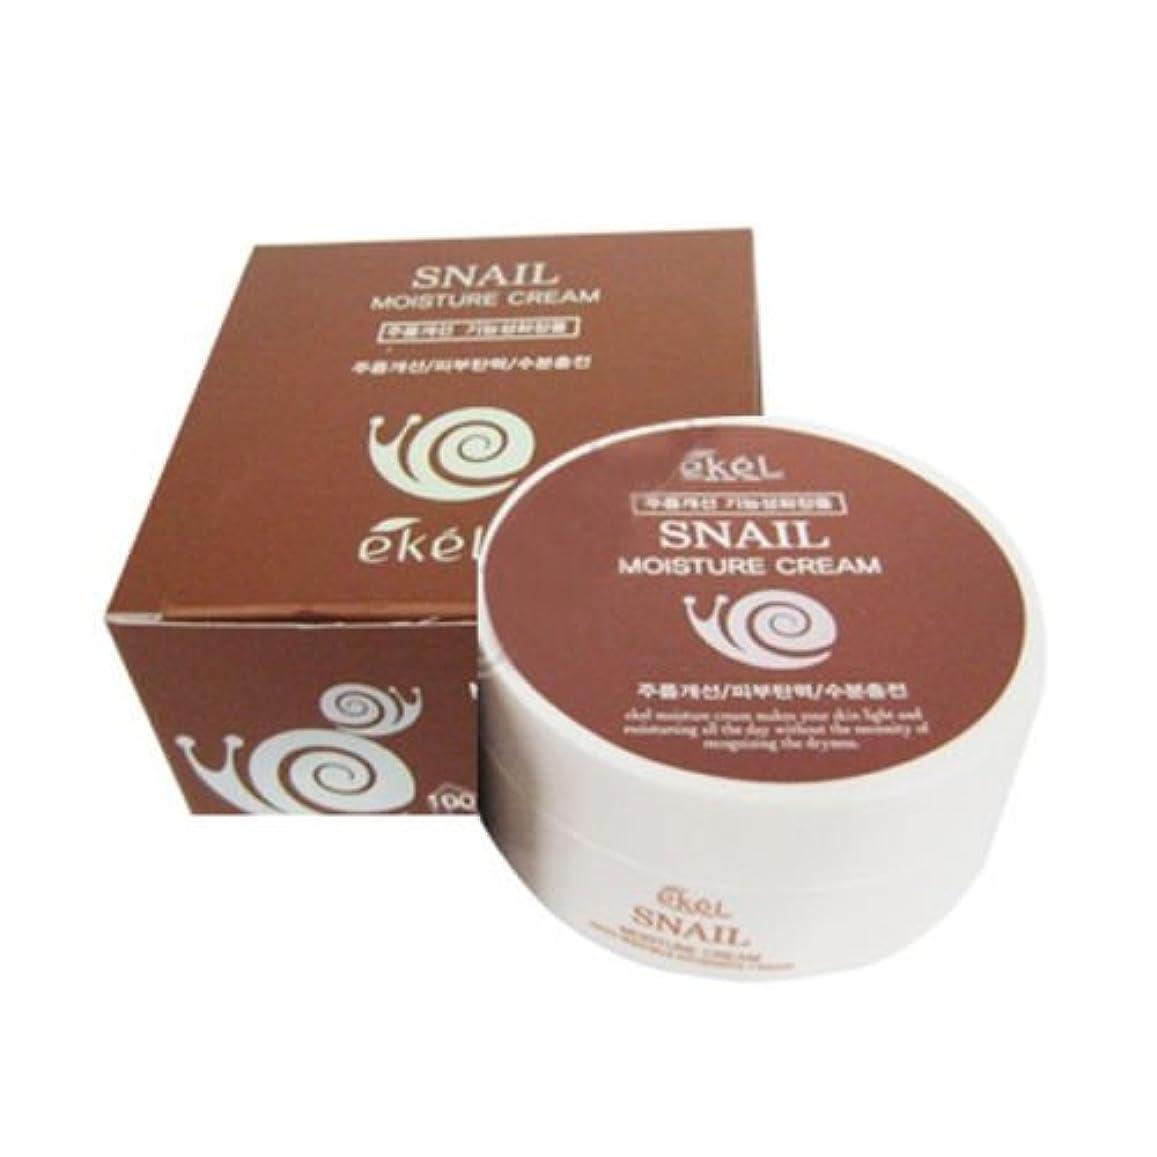 セットアップレシピ通知するイケル[韓国コスメEkel]Snail Moisture Cream カタツムリモイスチャークリーム100g [並行輸入品]